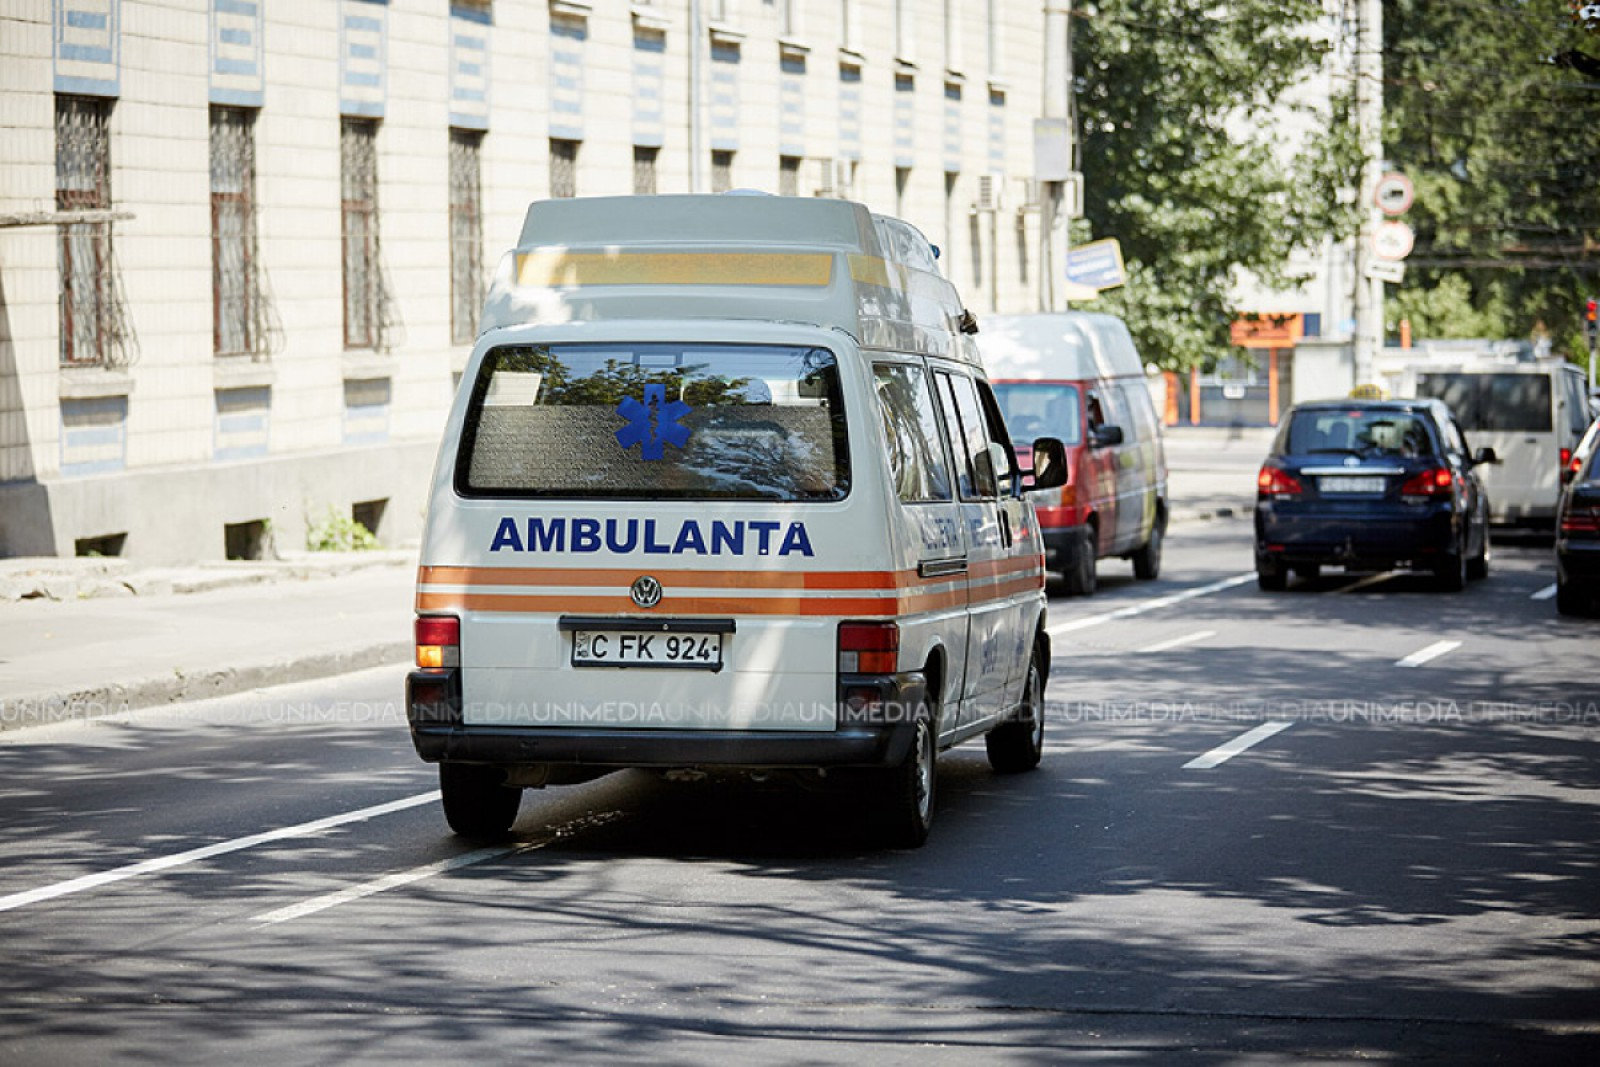 Moldoveanul stropit în Italia cu fier topit la 1600 de grade Celsius, după o lună de suferințe, a decedat